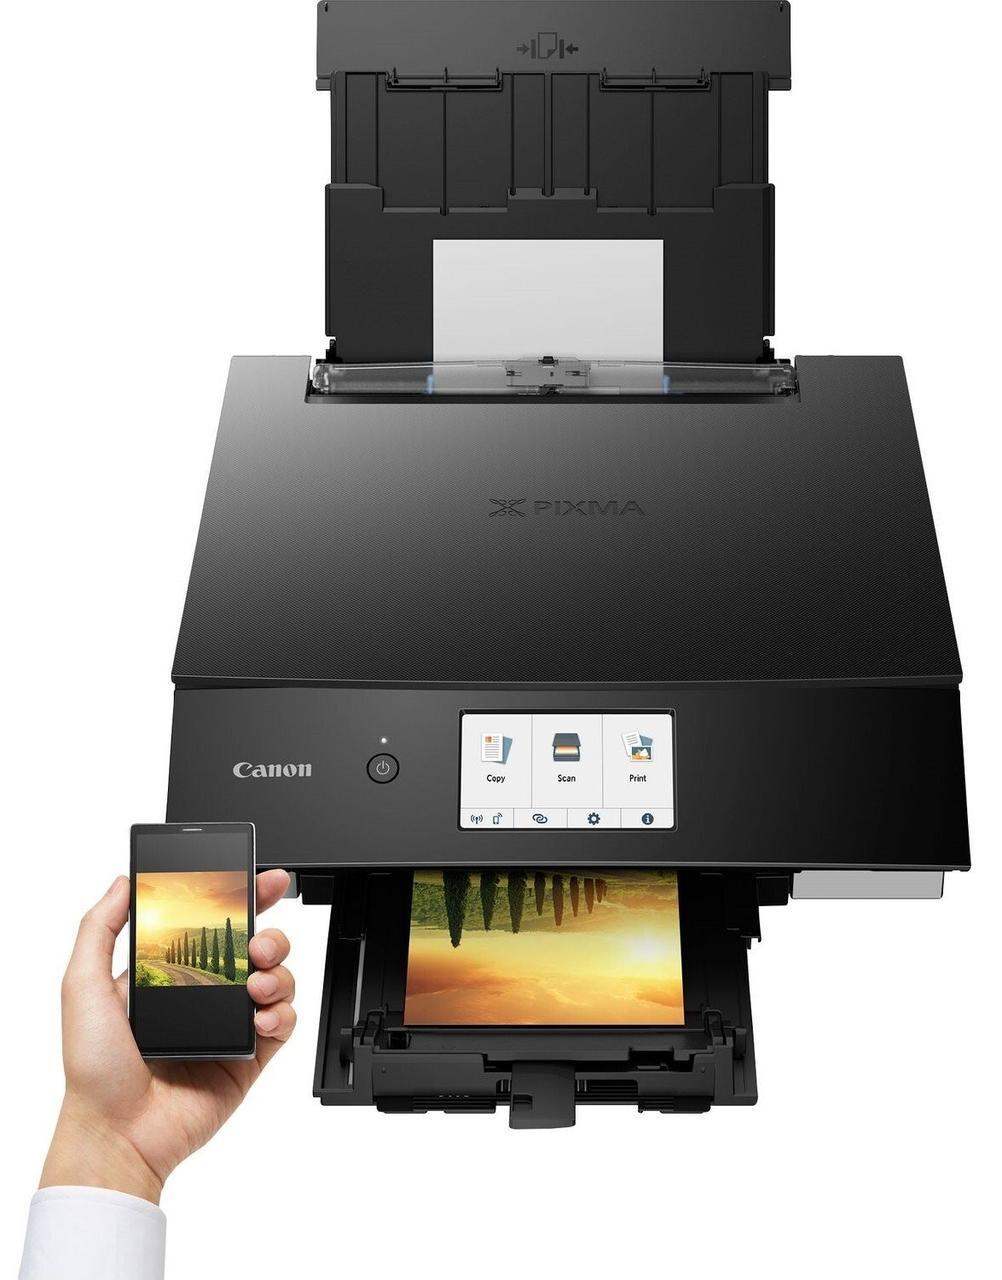 Багатофункціональний струменевий пристрій А4 кол. Canon PIXMA TS8340 black з Wi-Fi